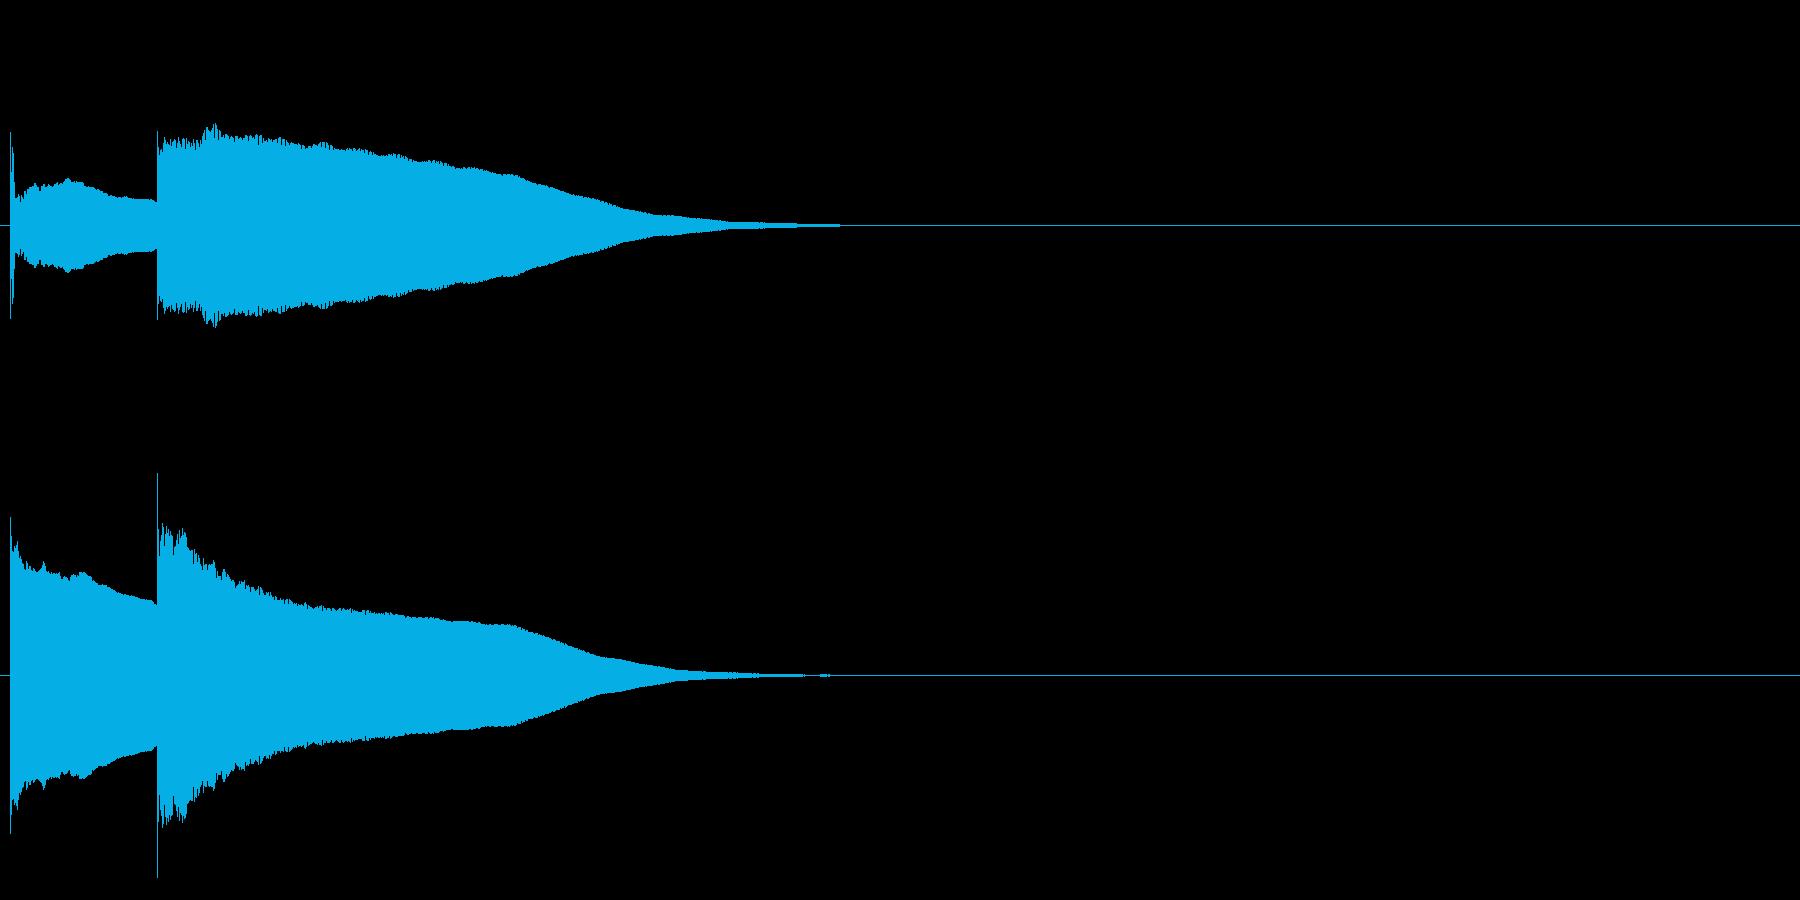 グロッケン系 決定音05(小)の再生済みの波形